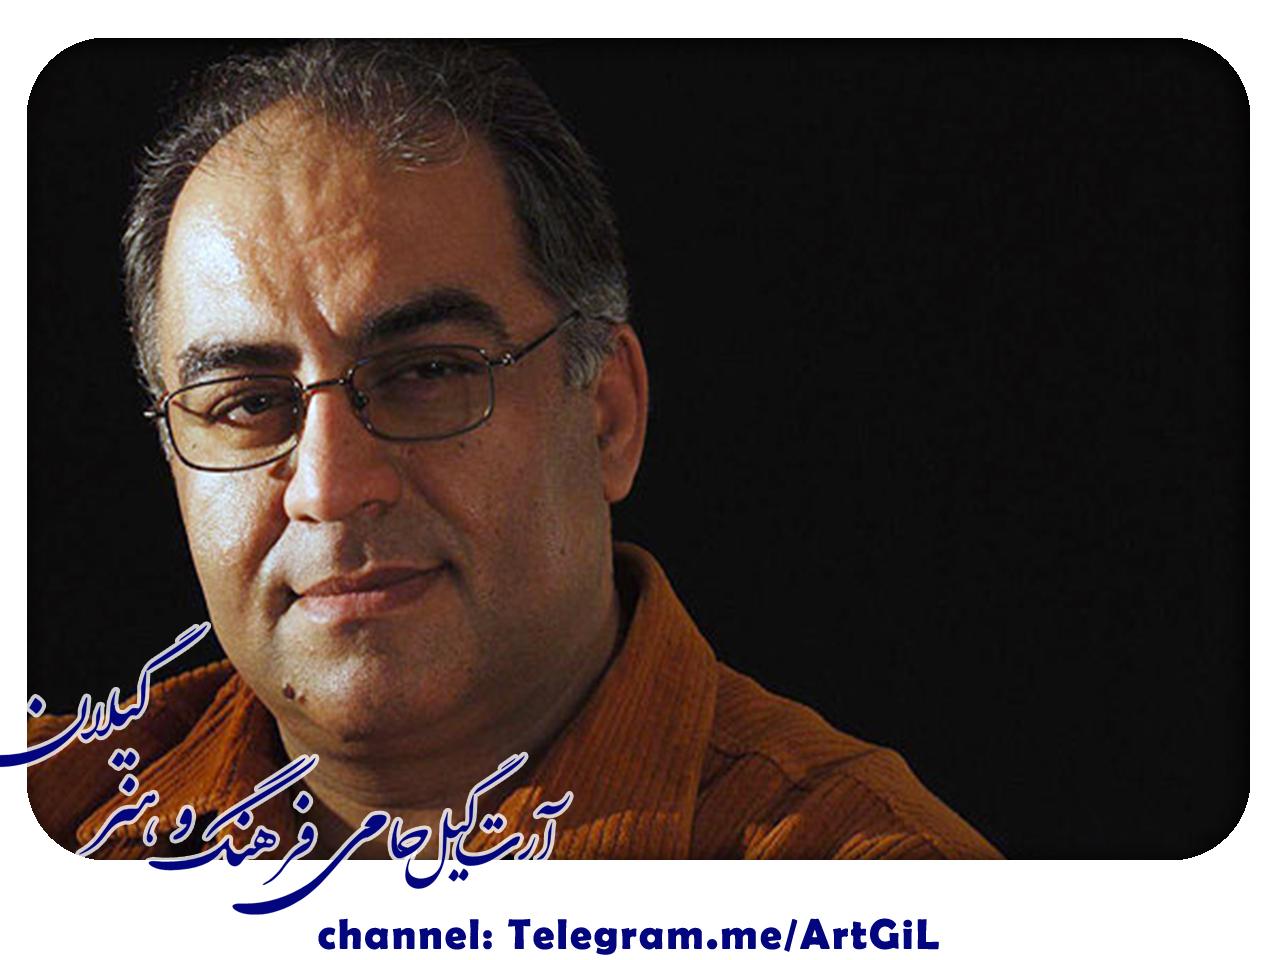 بیوگرافی اسماعیل براری (کارگردان)